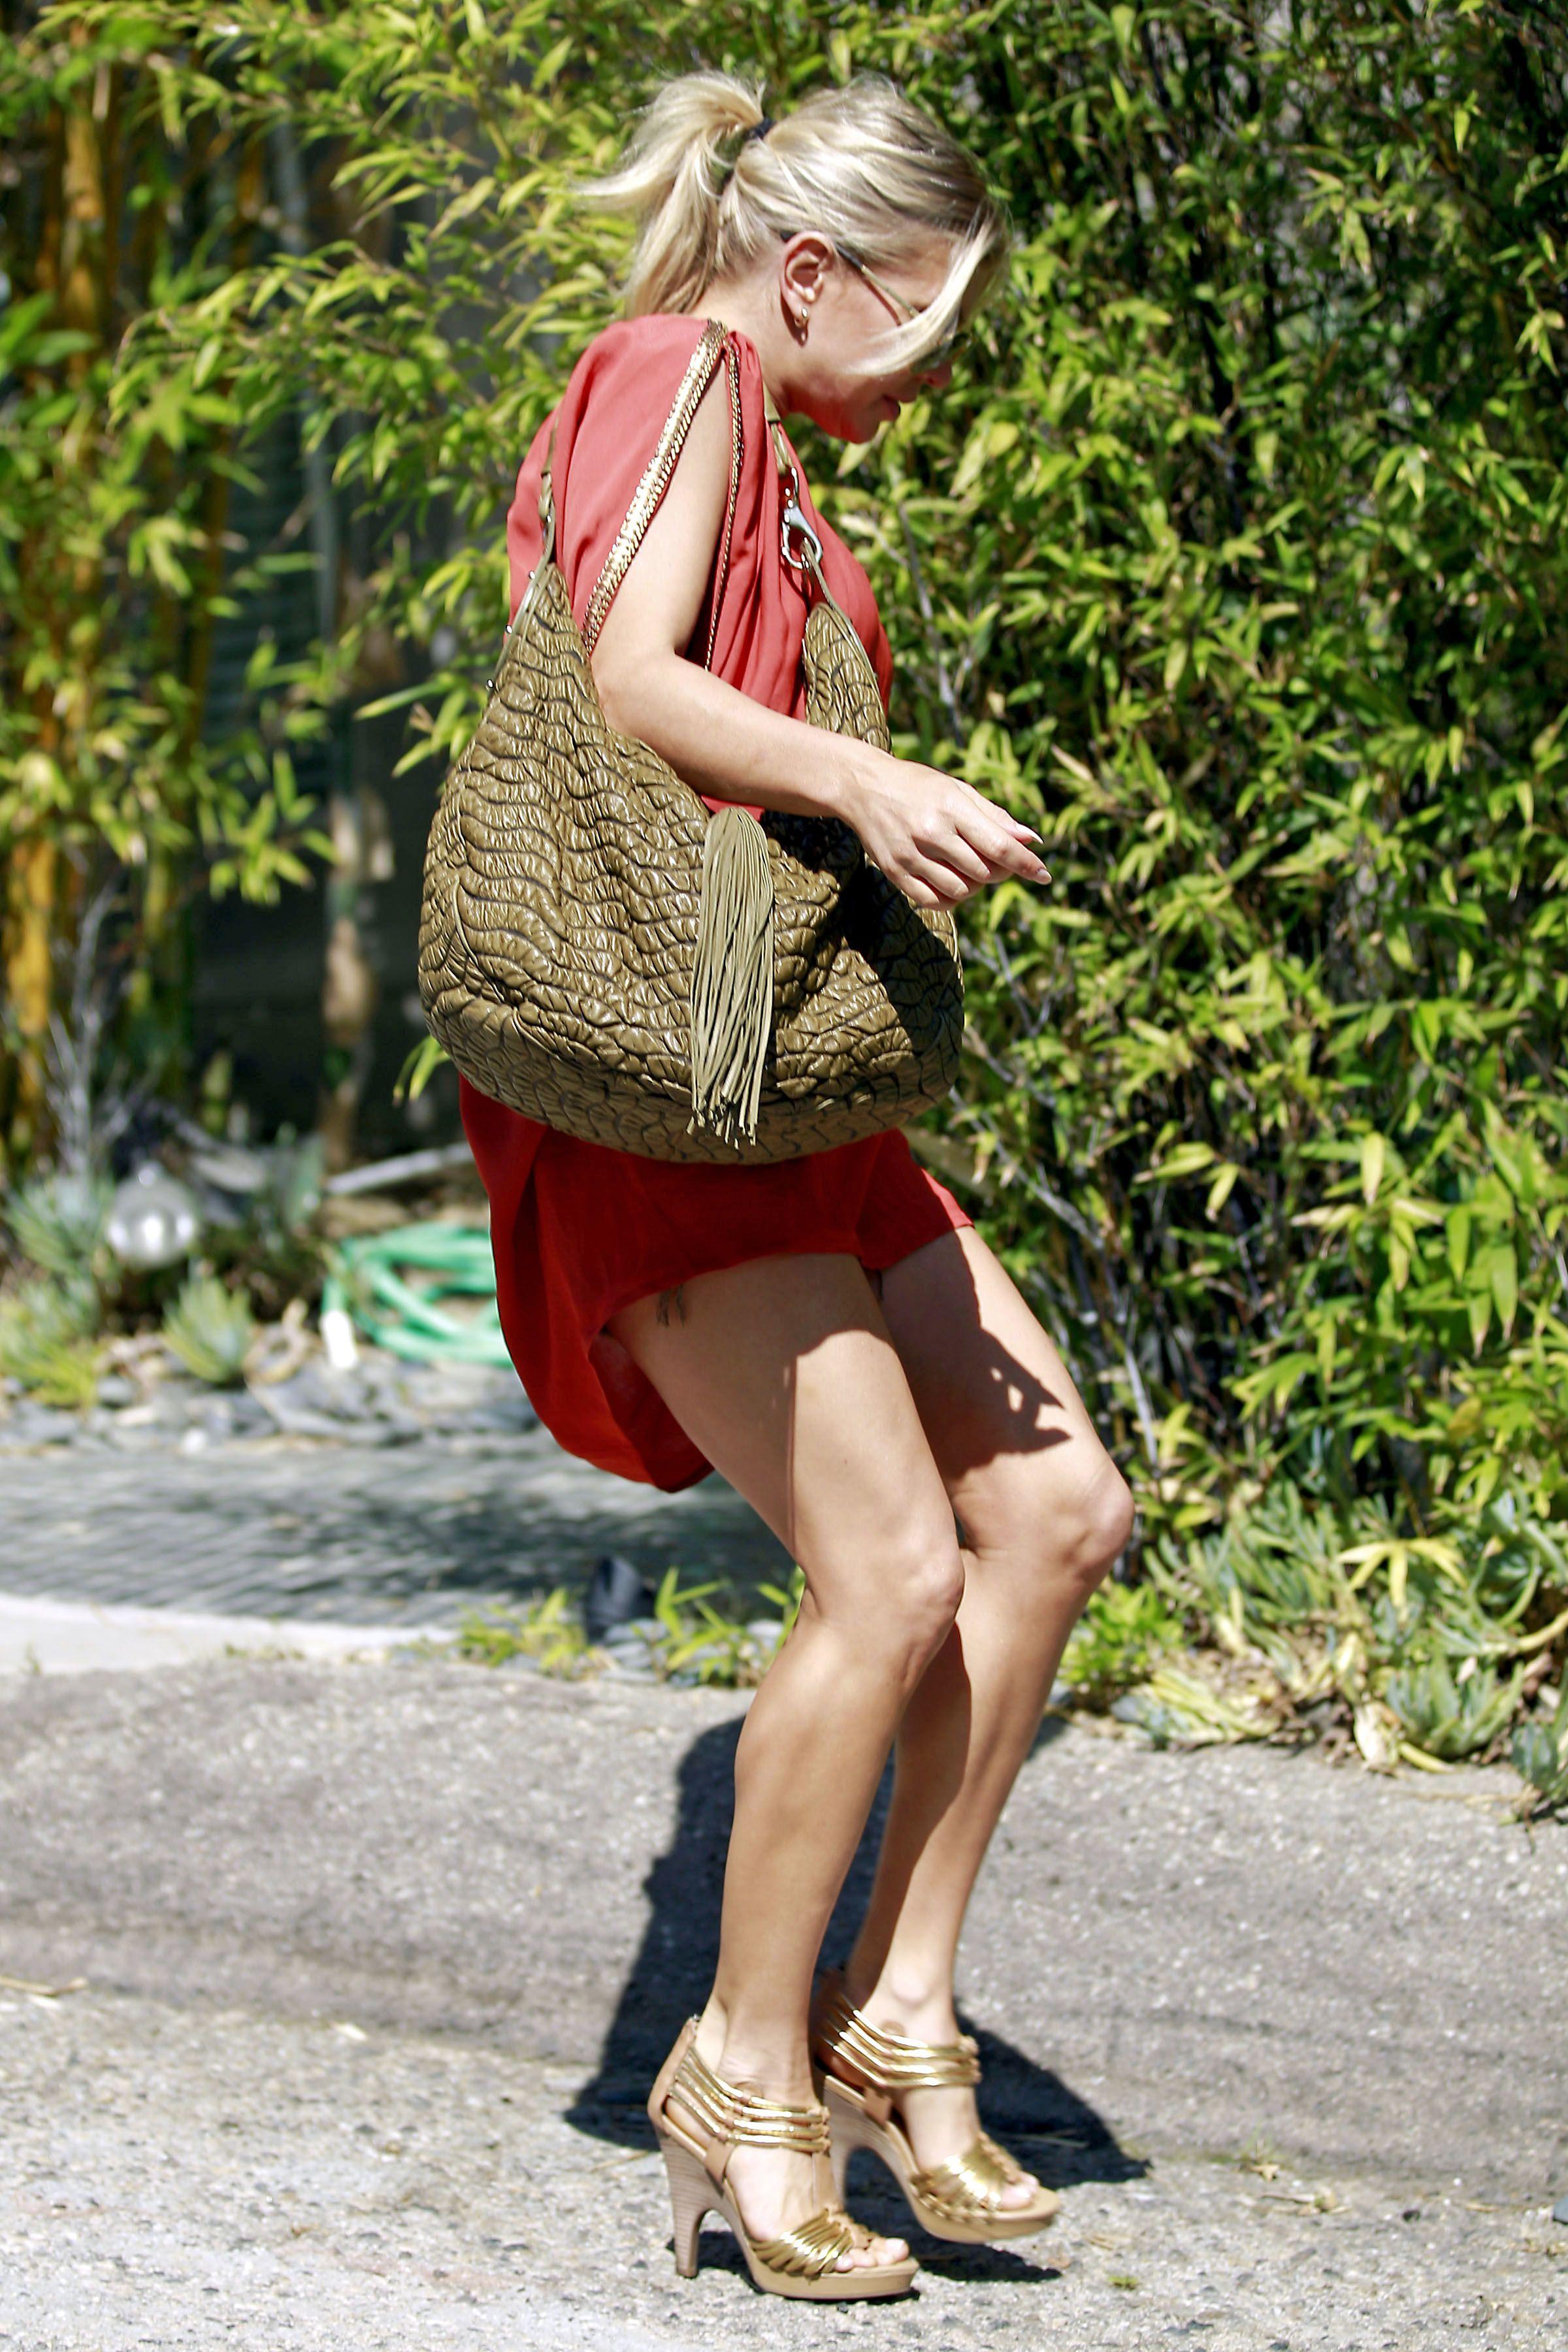 Fergie 2011 : fergie-leggy-candids-in-red-dress-in-la-07